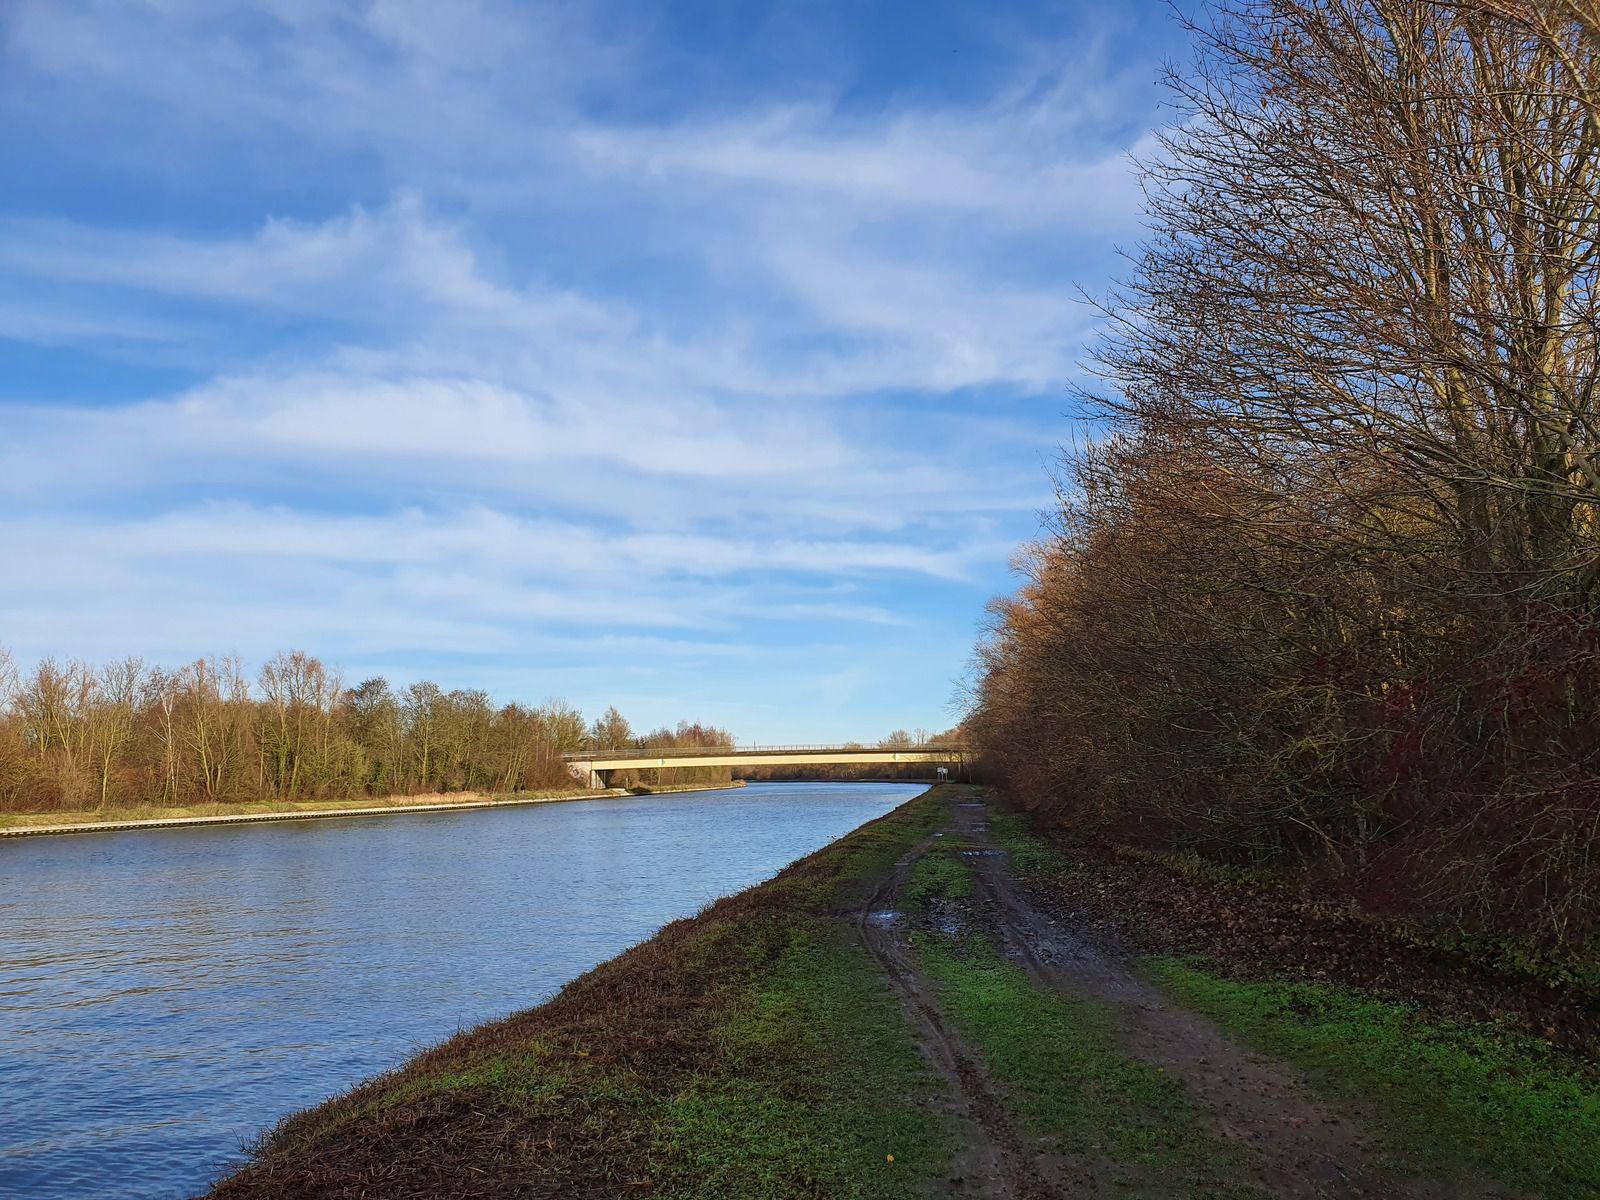 Le canal de la Deûle, à Allennes-les-Marais